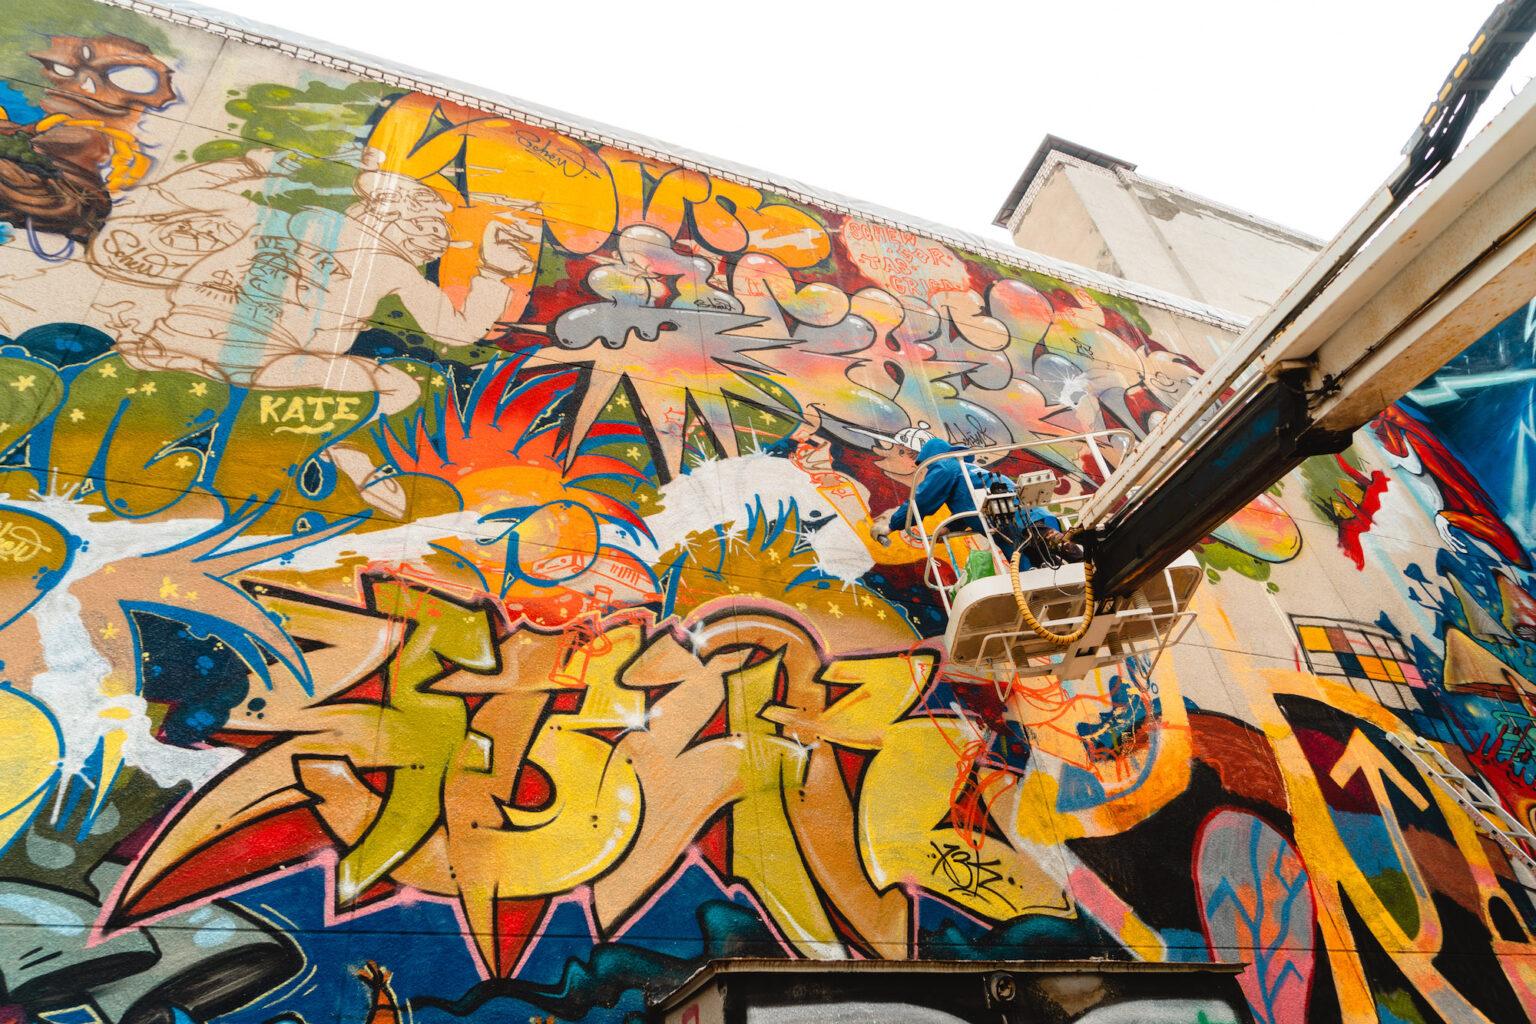 <h4>Festival de Graffiti - Imagem retirada de Street Art News</h4><p></p>